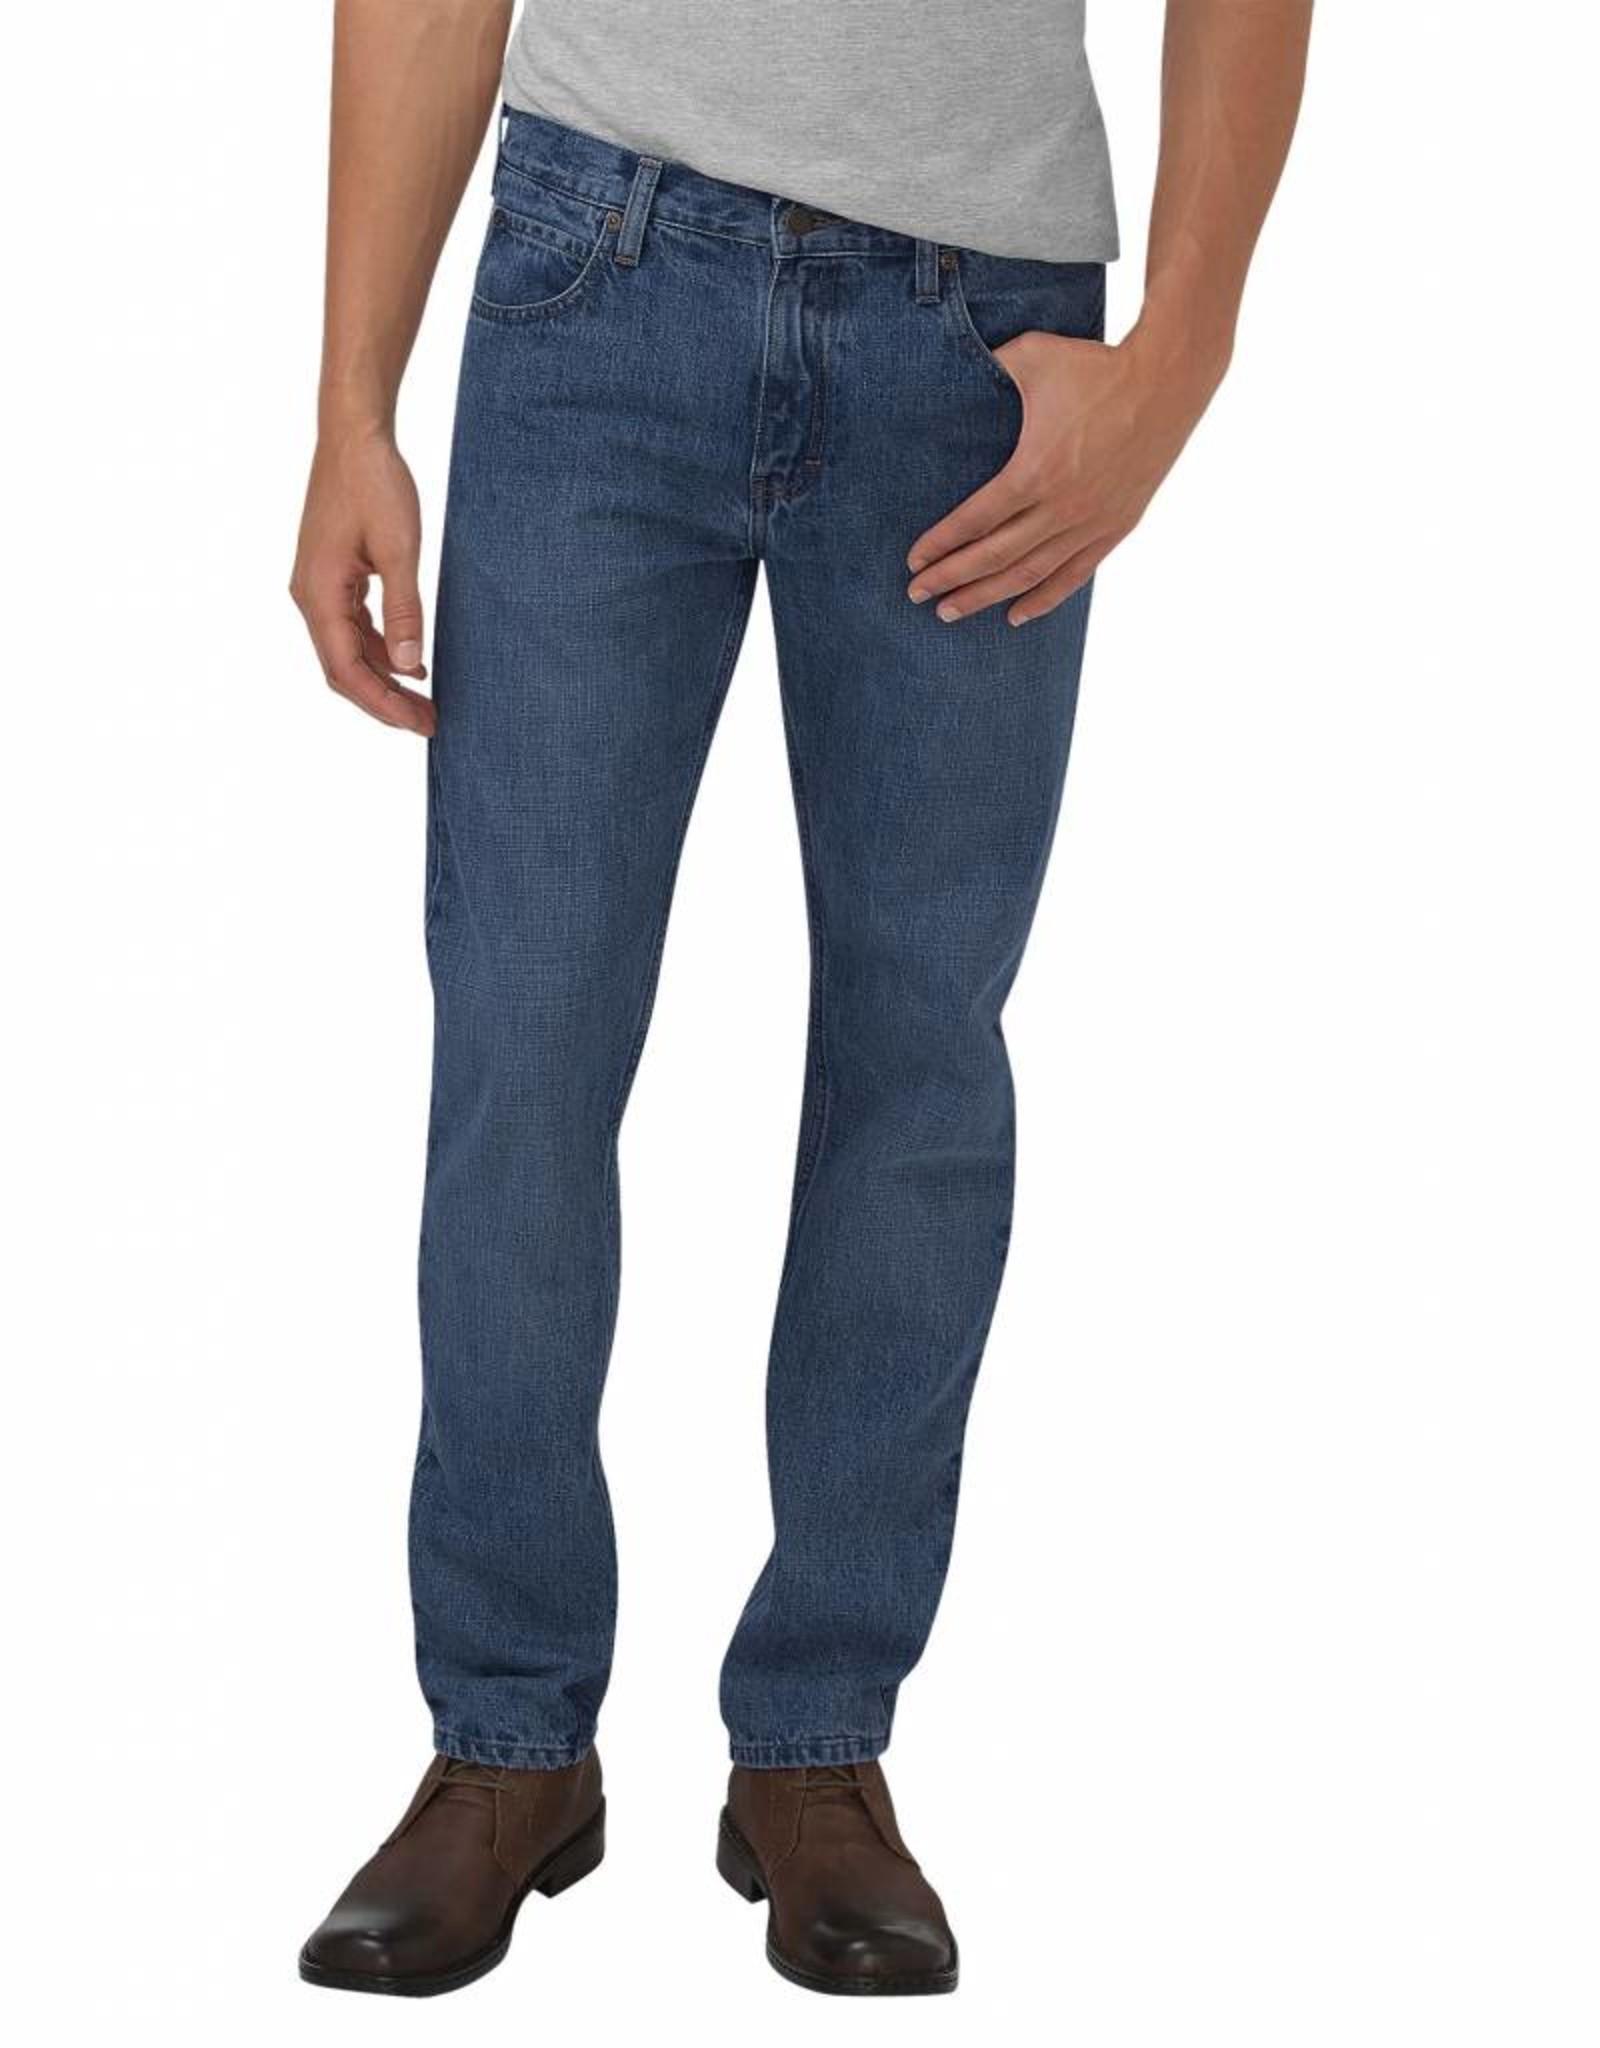 DICKIES Slim Fit Straight Leg Jean XD710